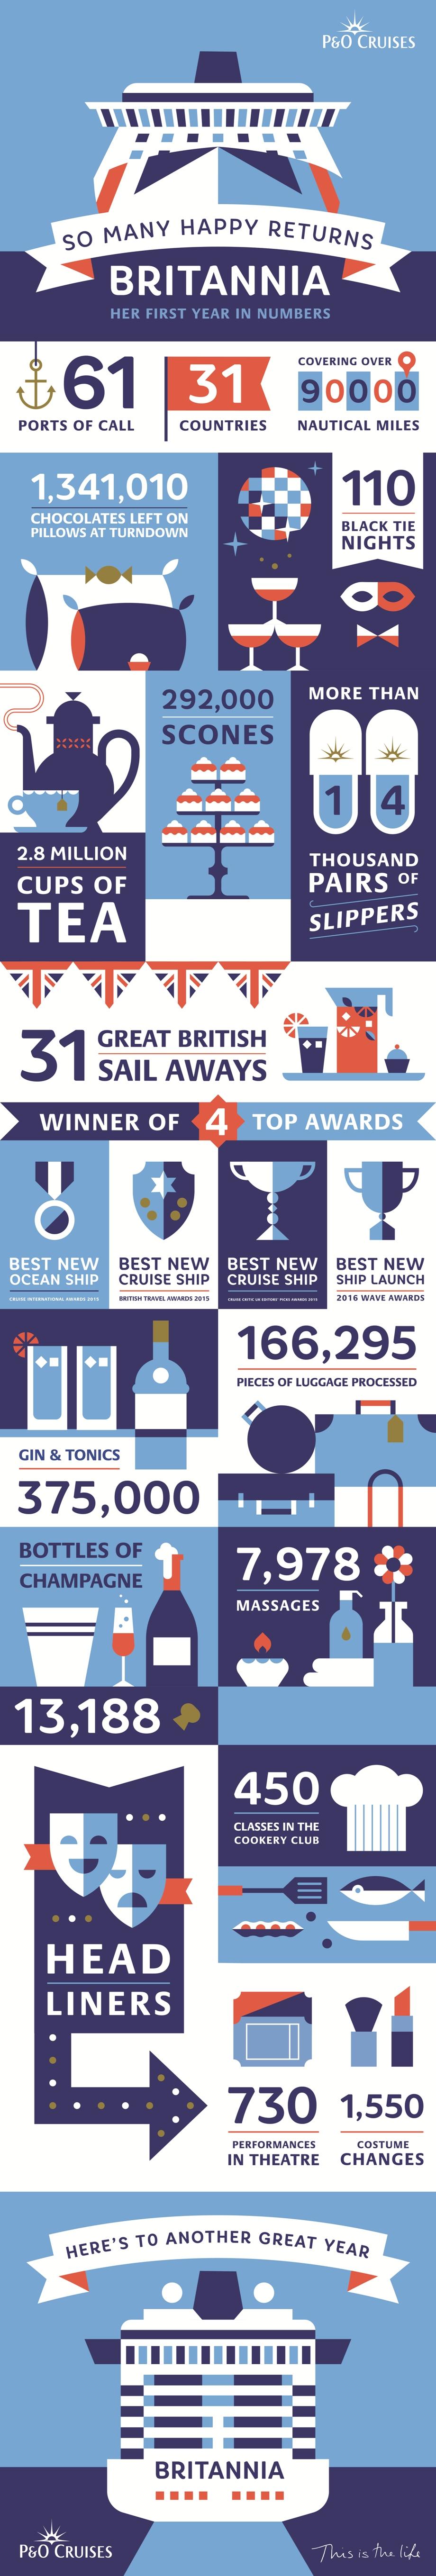 Britannia infographic